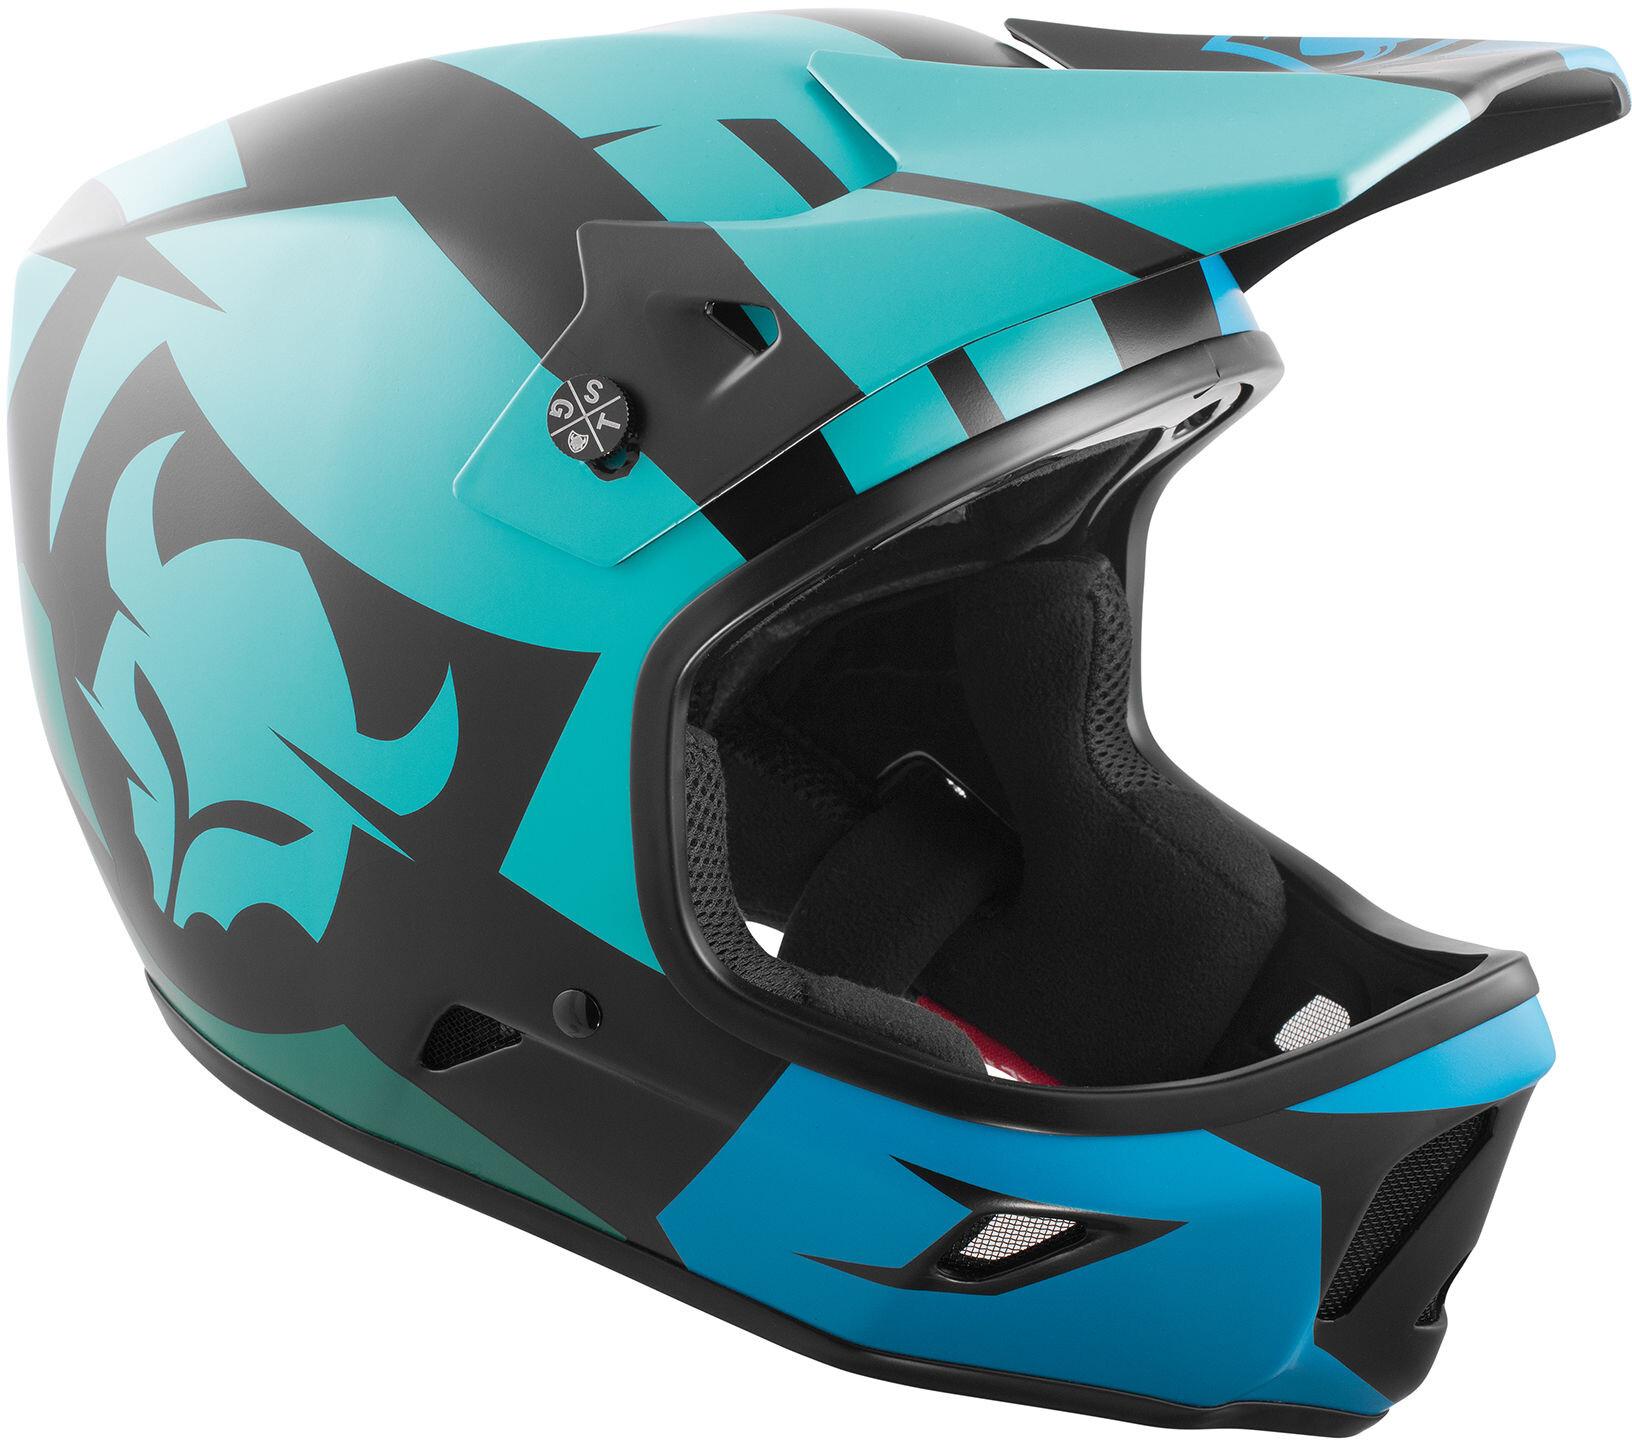 TSG Advance Graphic Design Cykelhjelm Herrer, interval green blue | Hjelme